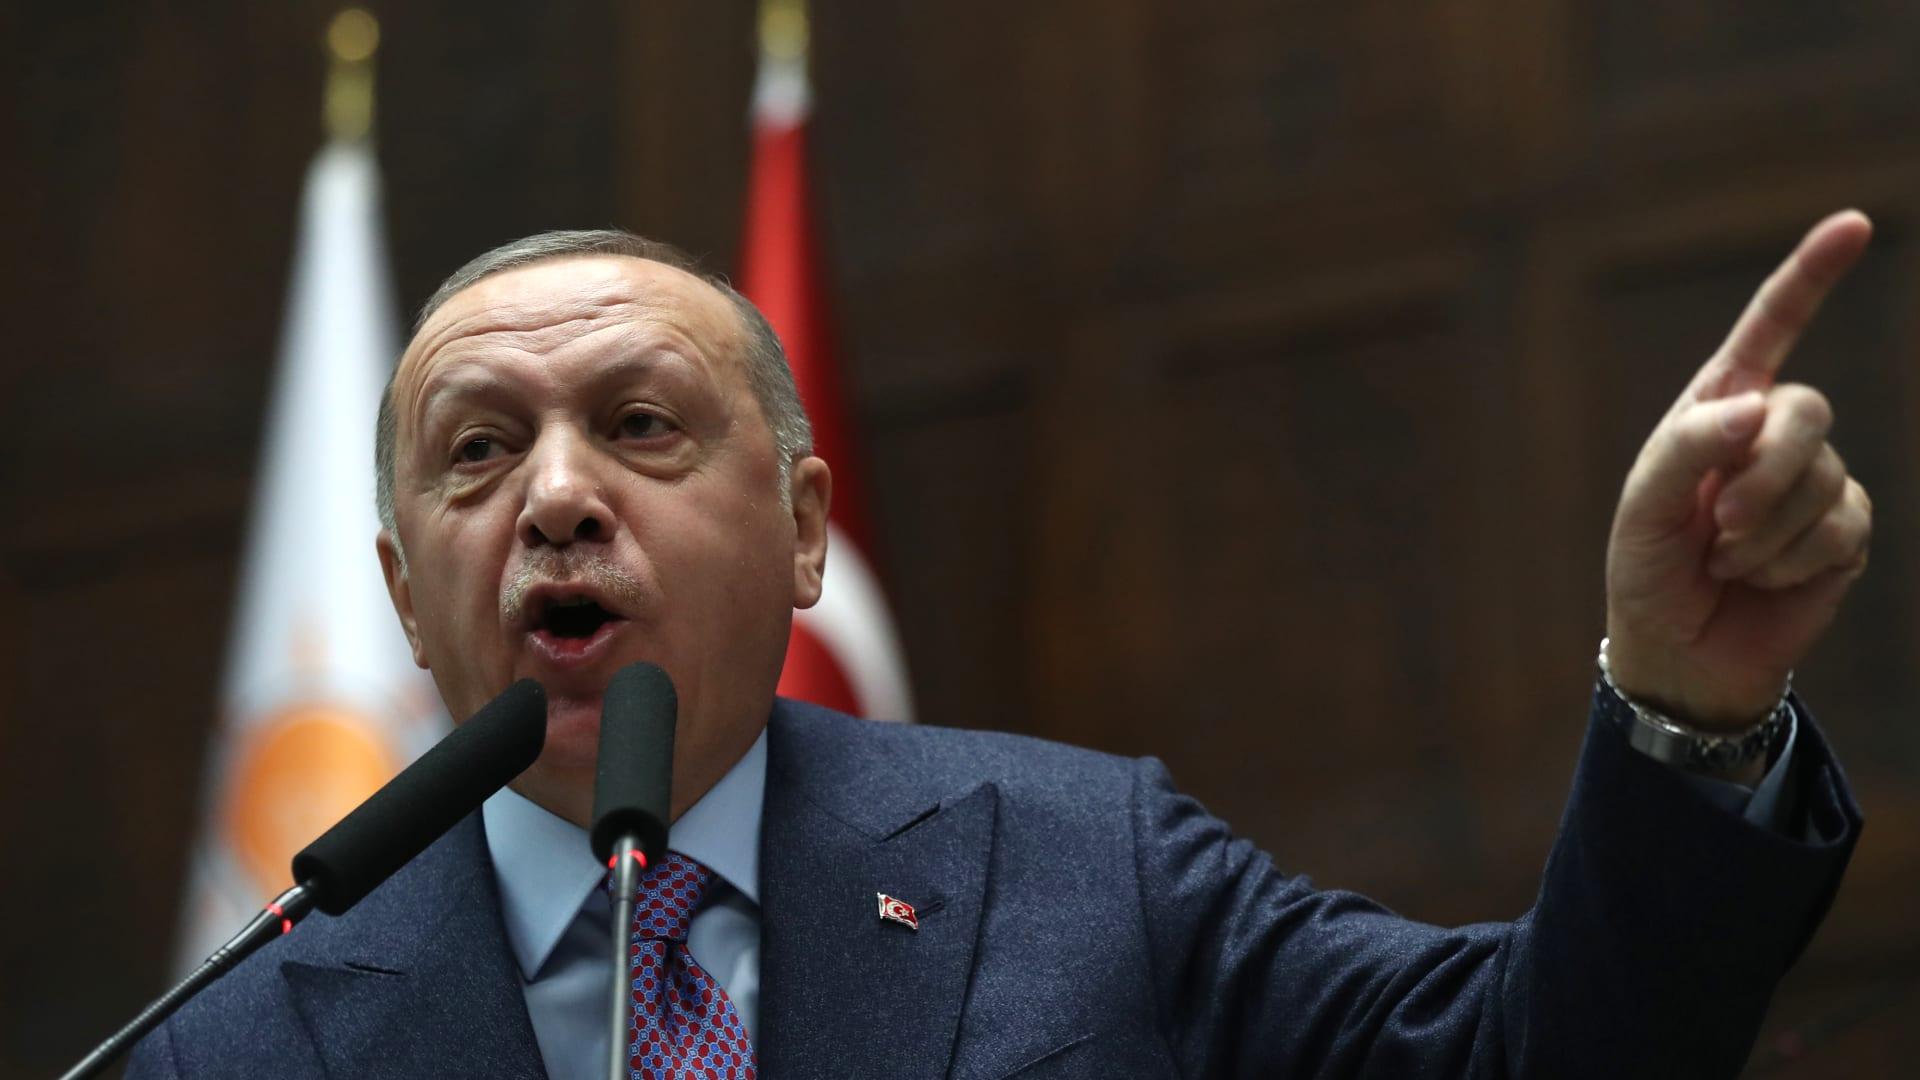 """بعد اعتراضات أمريكية على """"الاس 400"""".. أردوغان: لا أحد يمكنه التدخل في ما تشتريه تركيا"""